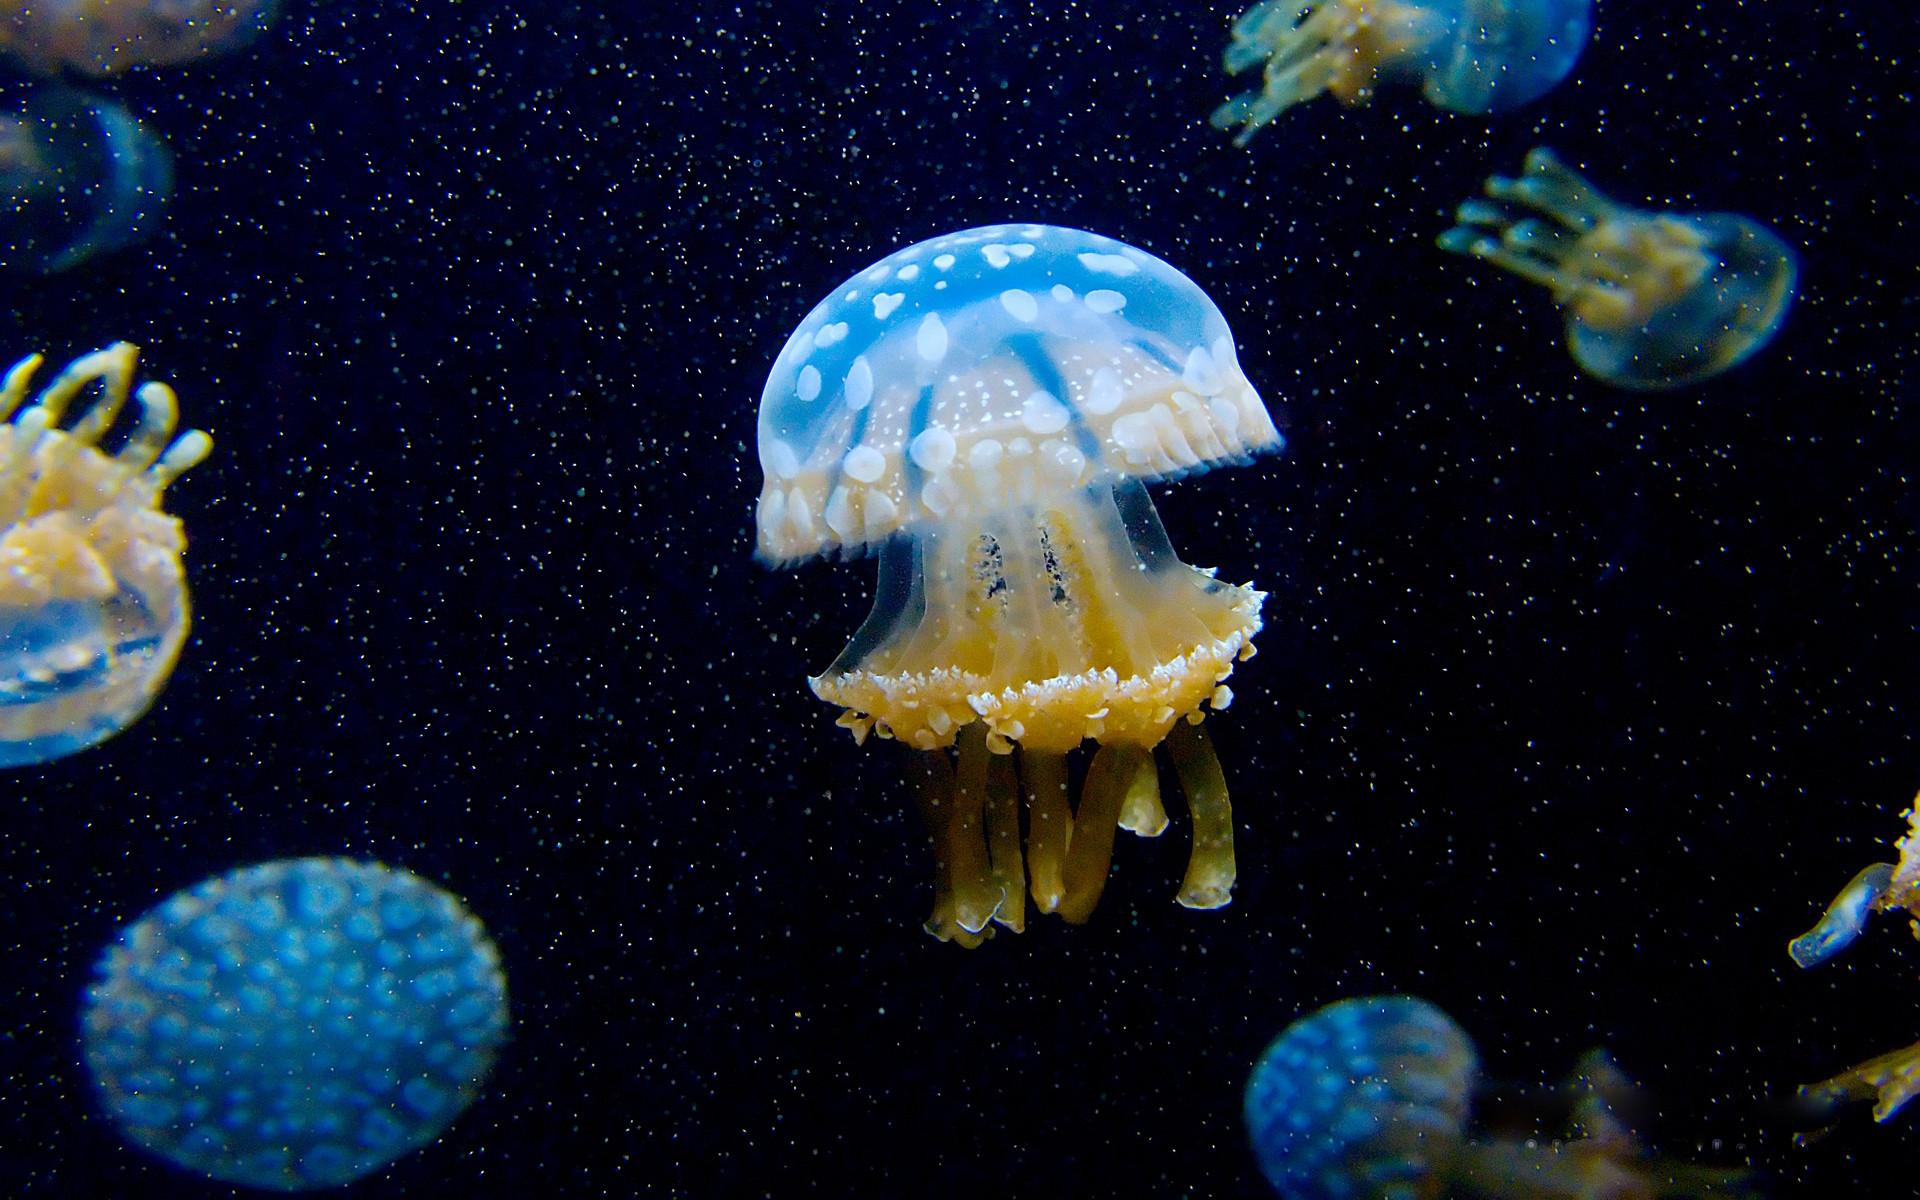 http://ocean-media.su/wp-content/uploads/2015/03/Meduzy-pod-vodoj.jpg